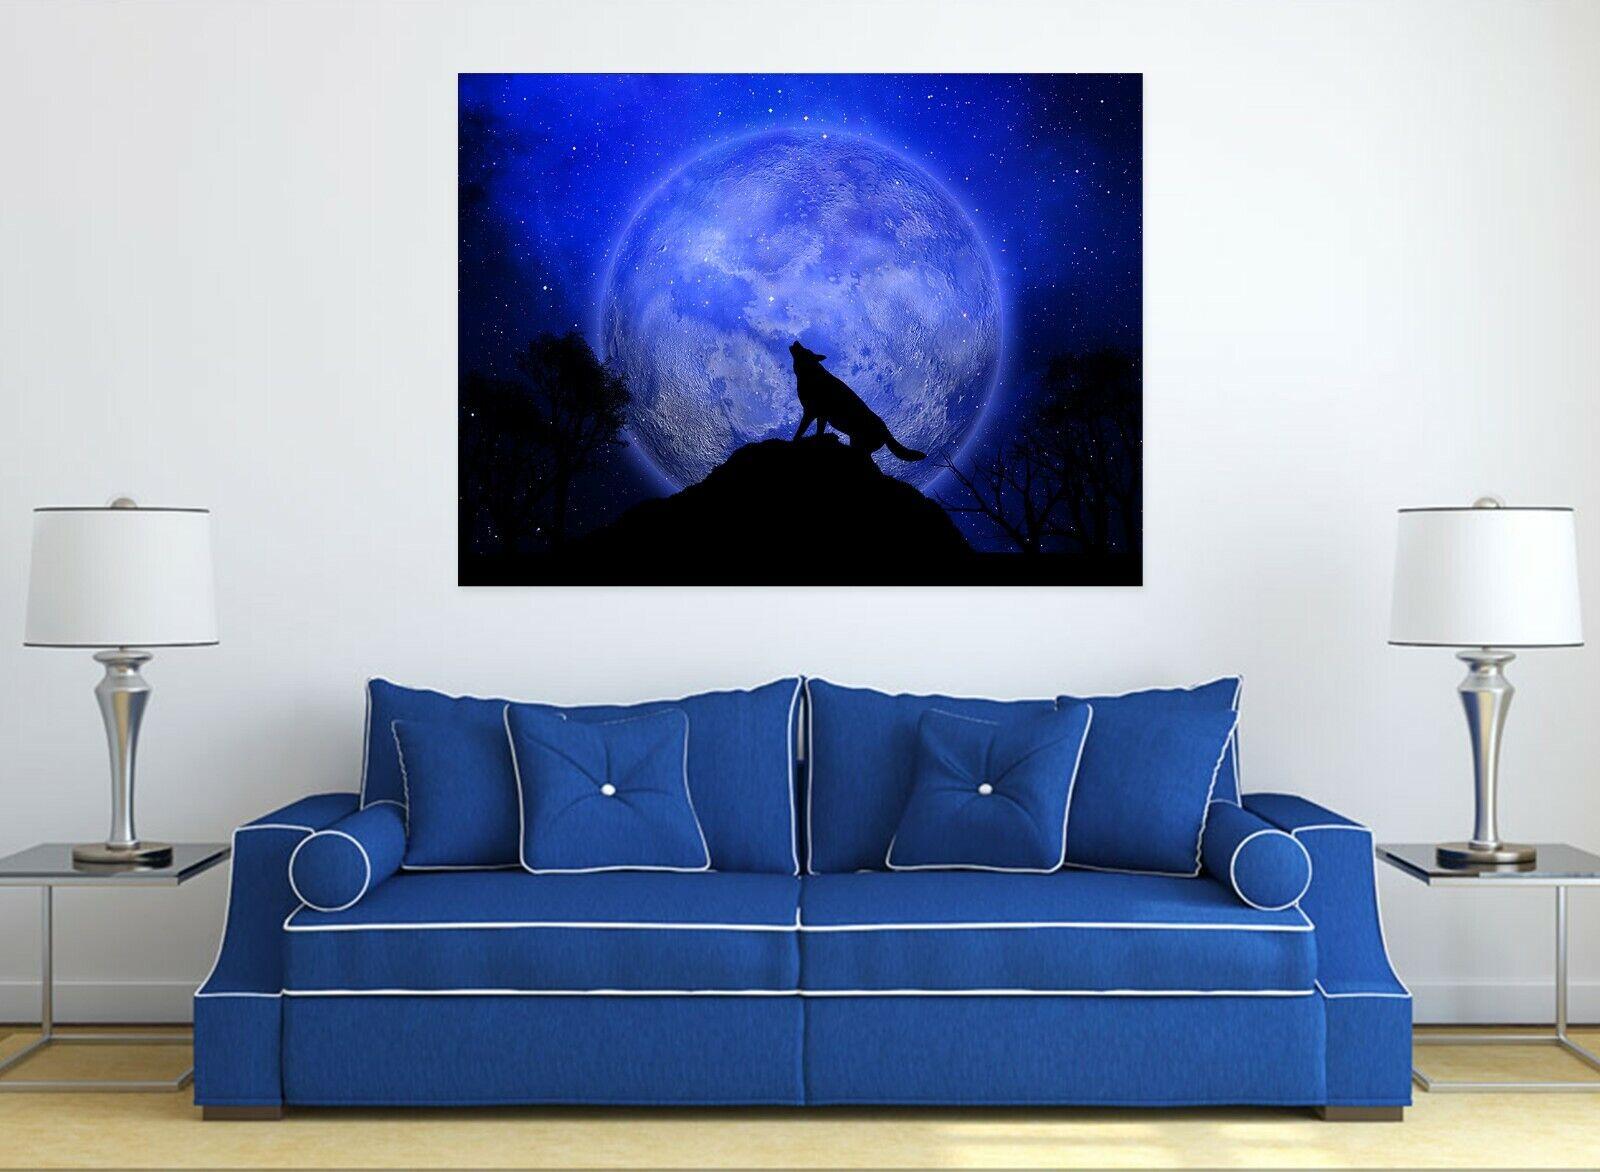 3D Nacht Wolf M68 Tier Wandaufkleber Wandtattoo Tapeten Wandbild Angelia